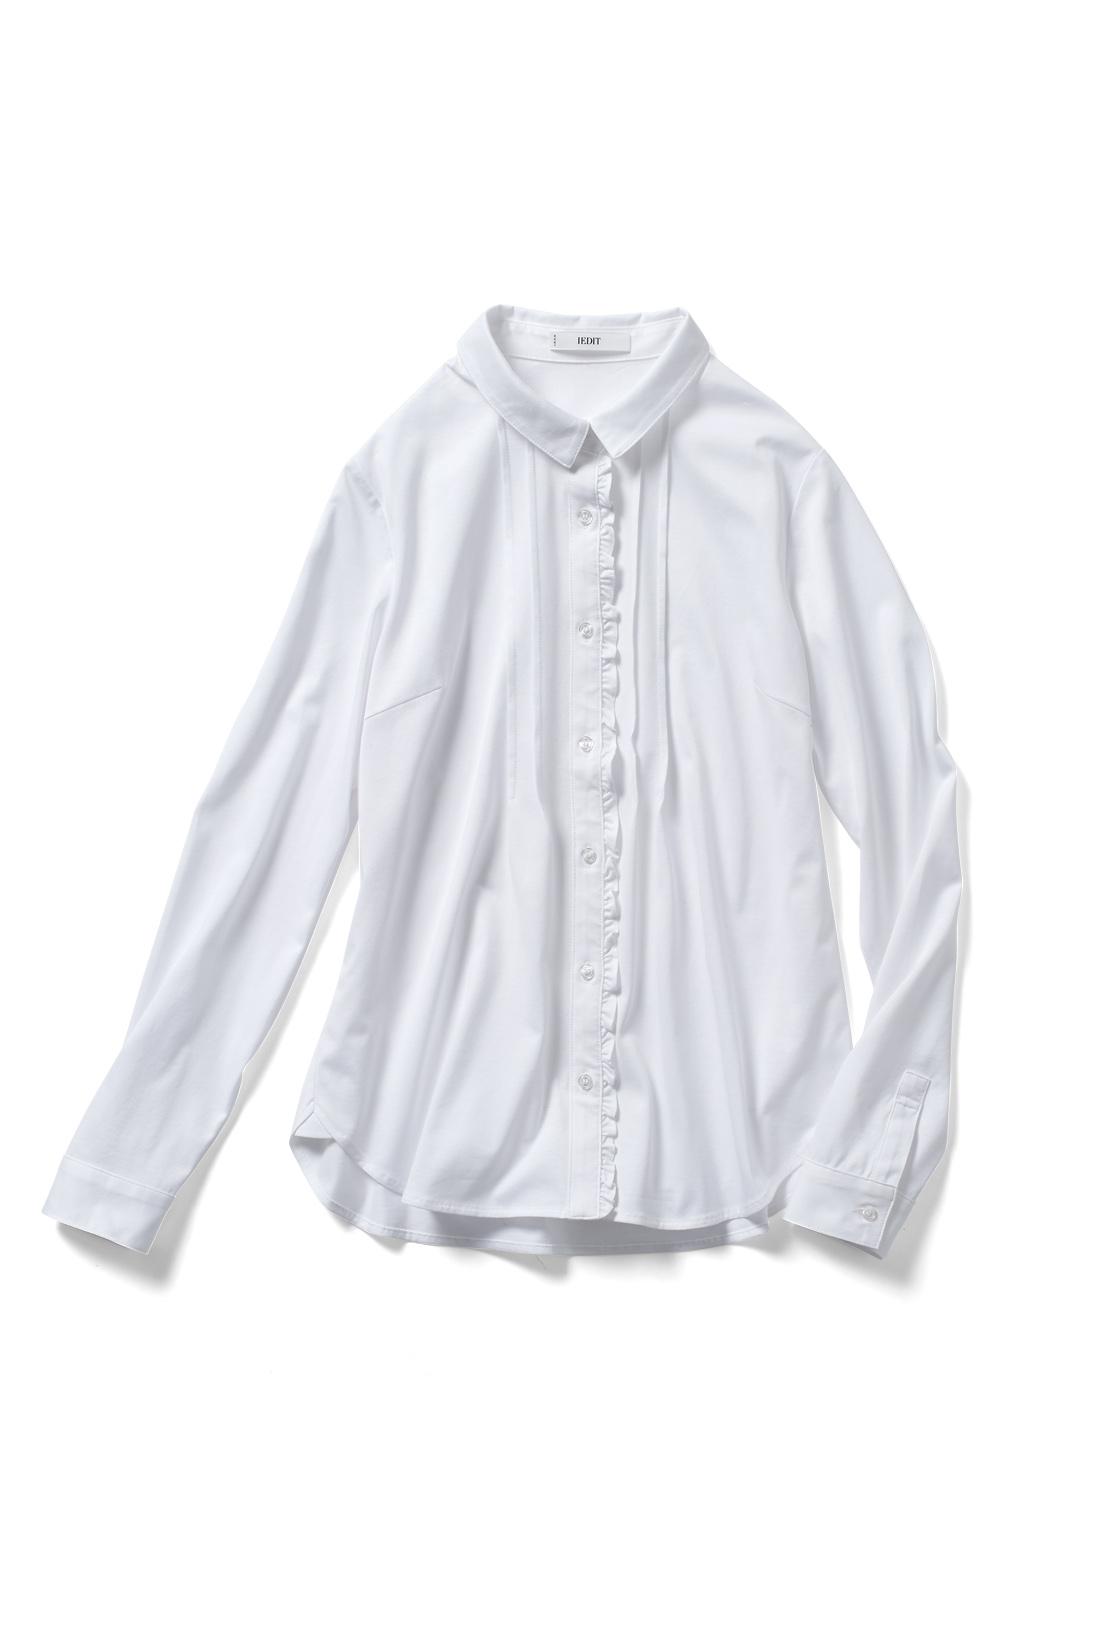 1枚でも重ね着でも使える白シャツは、持っておくと便利。